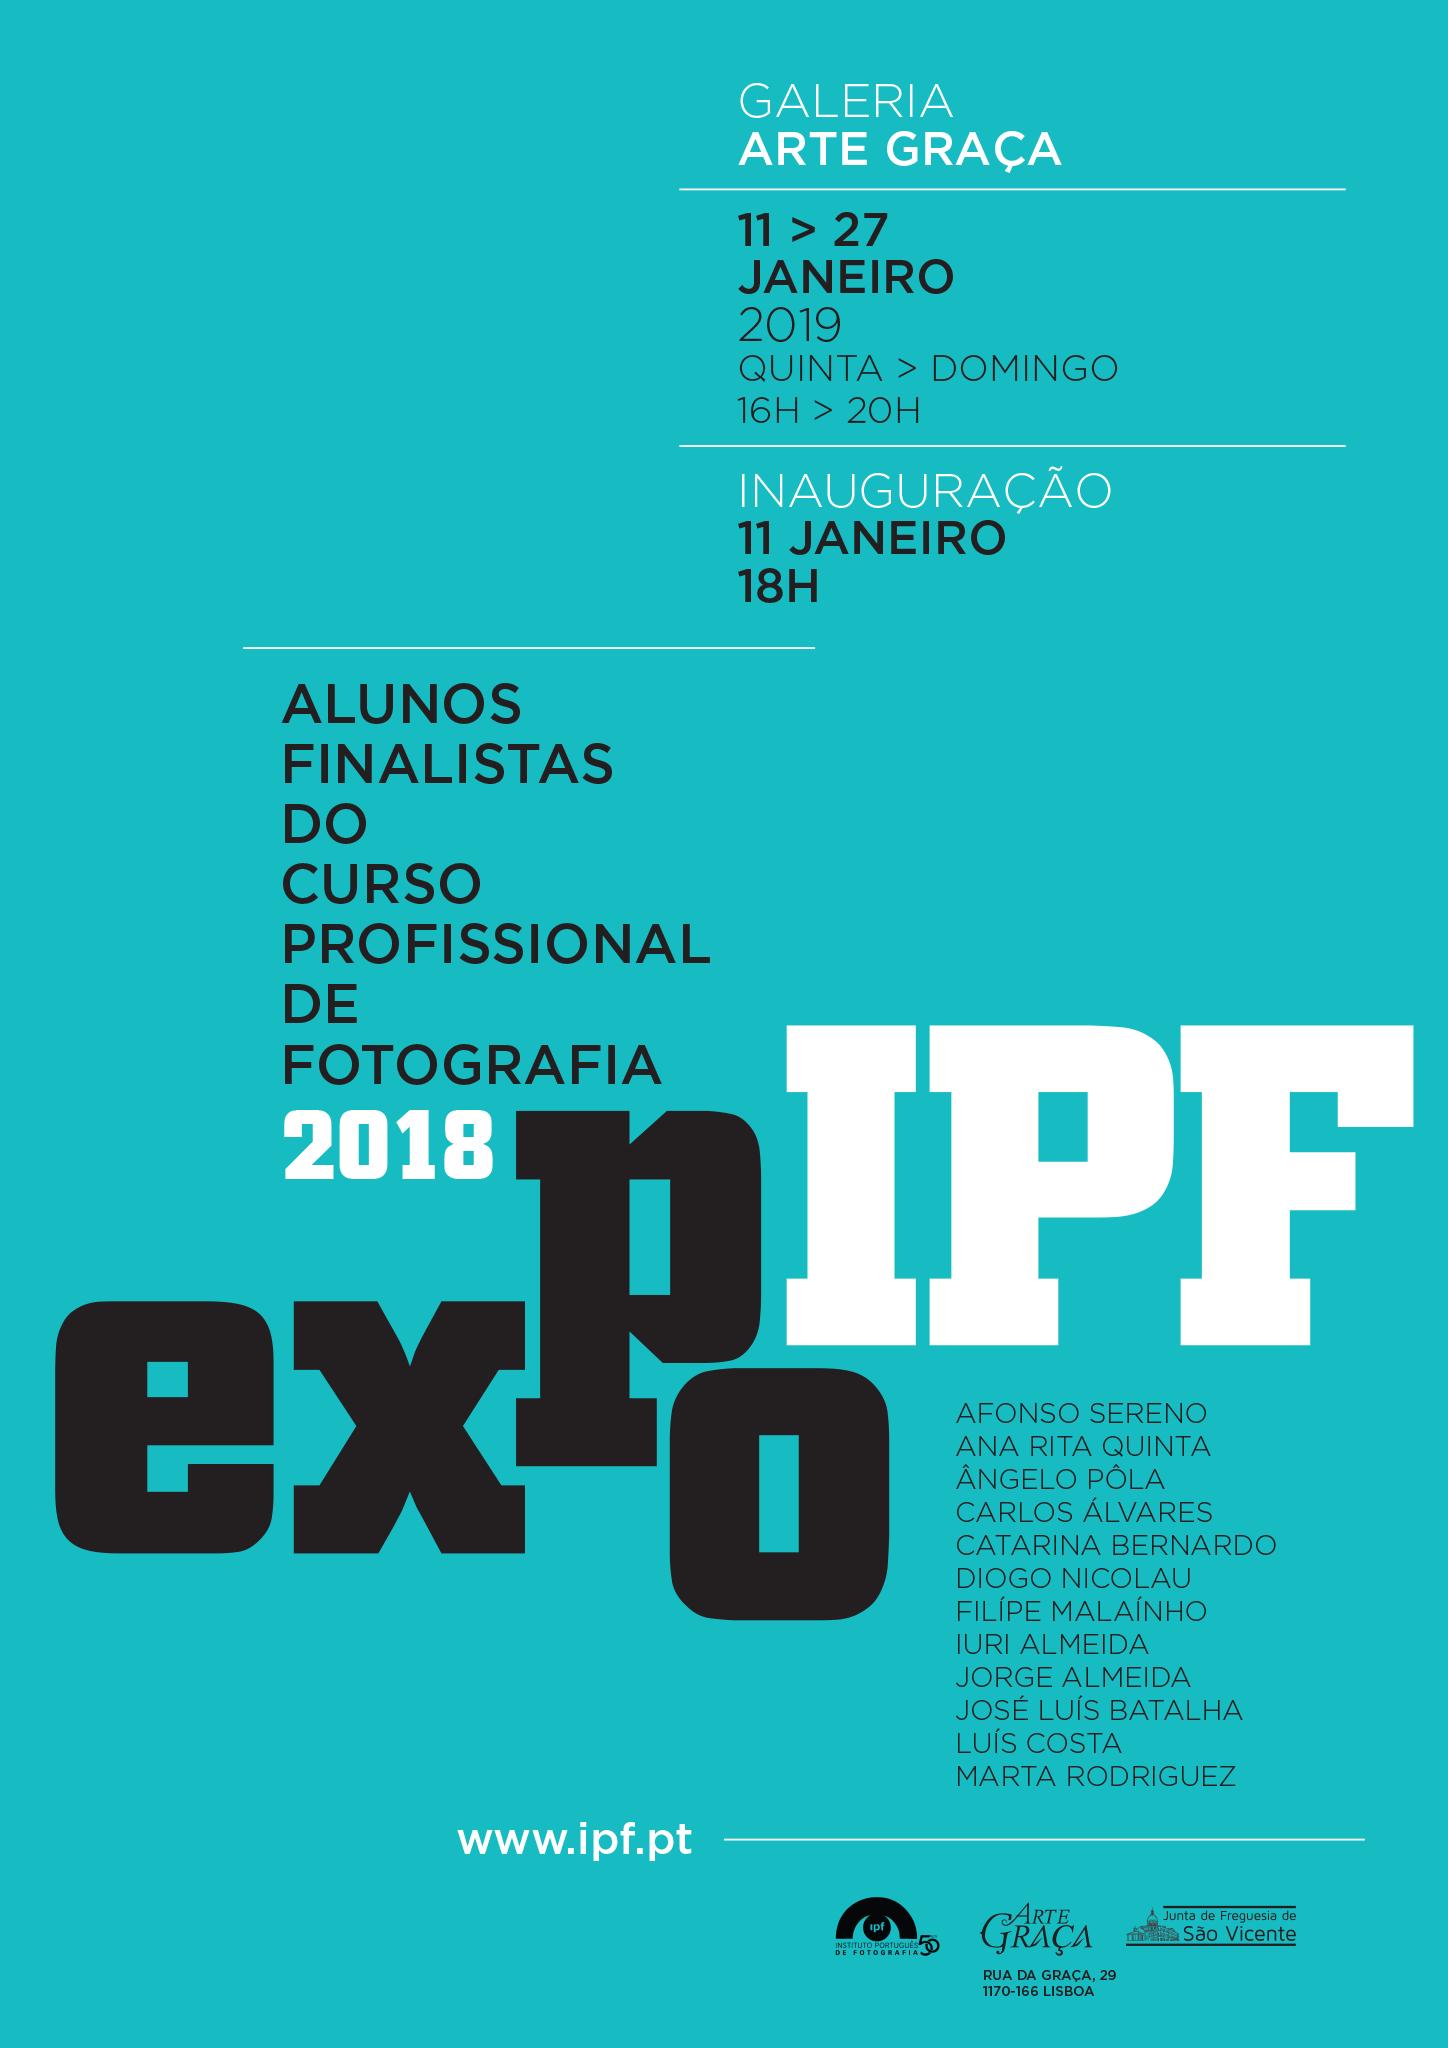 Exposição Finalistas do Curso Profissional de Fotografia 16-18